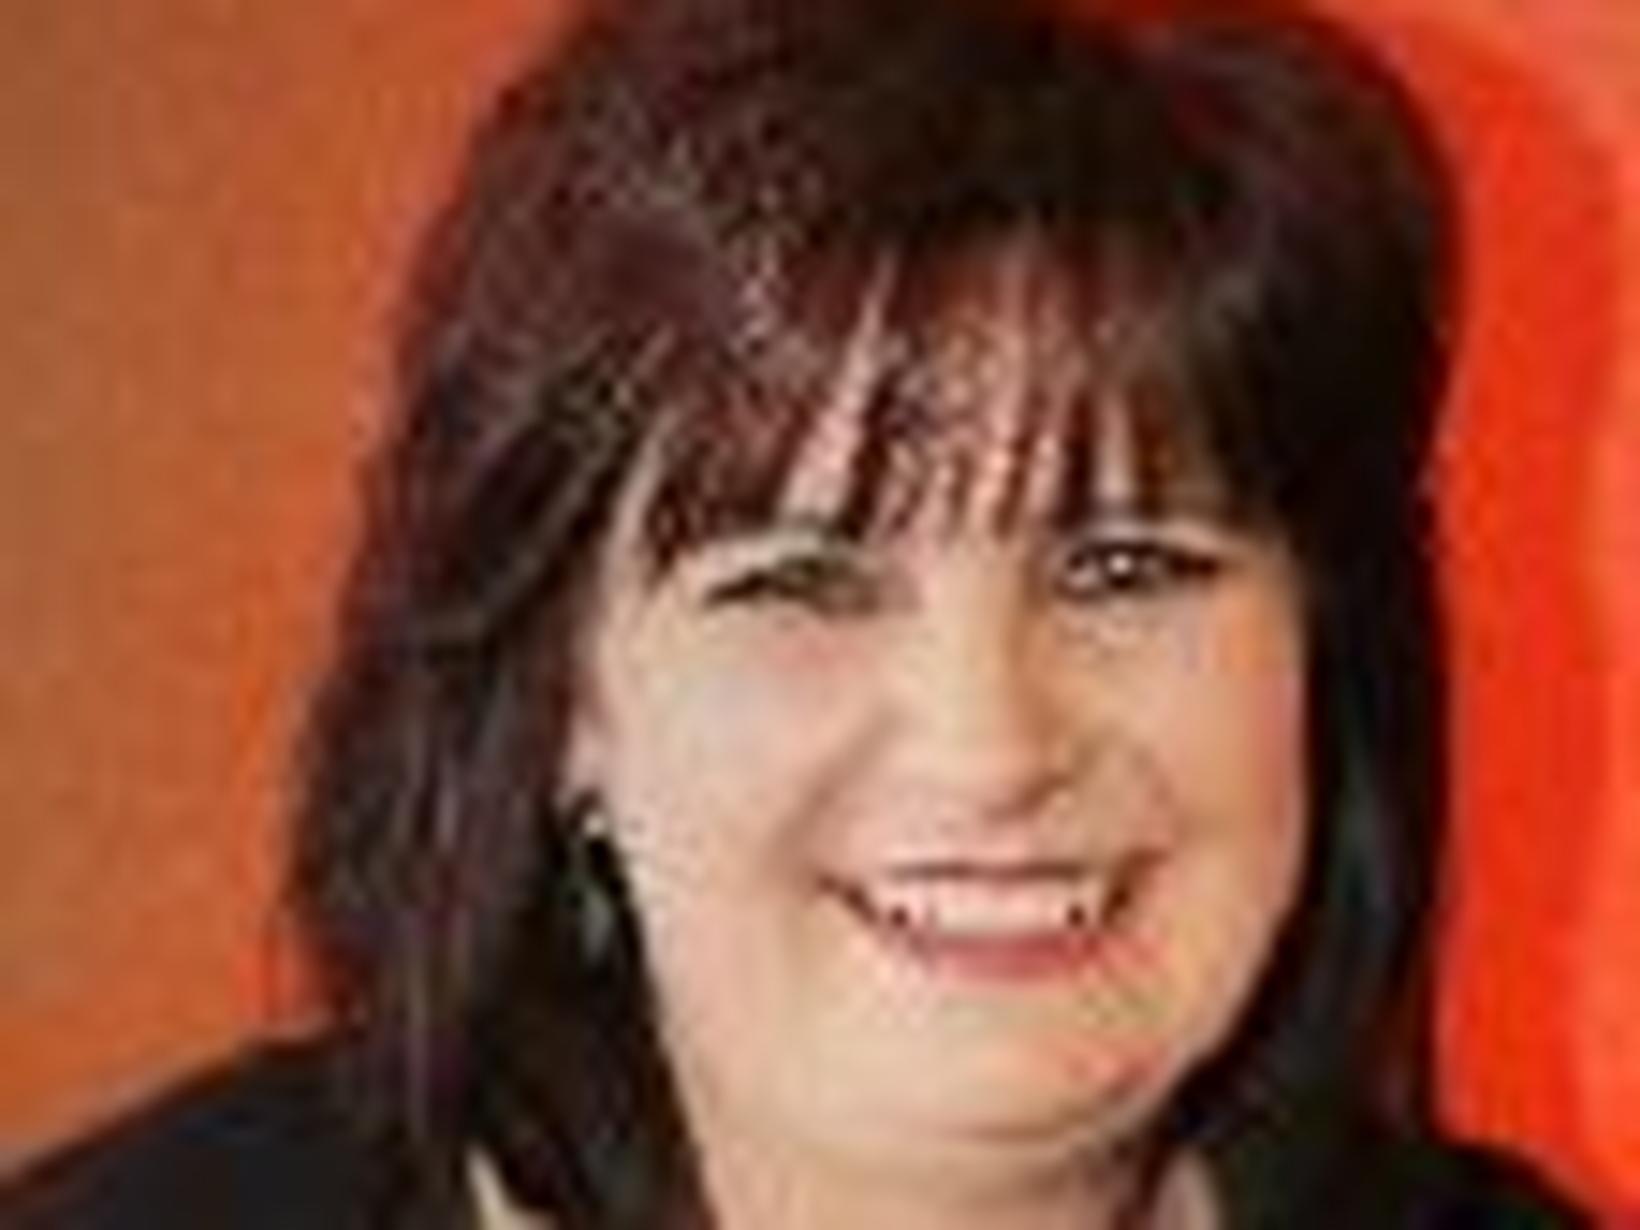 Wendy from Brisbane, Queensland, Australia